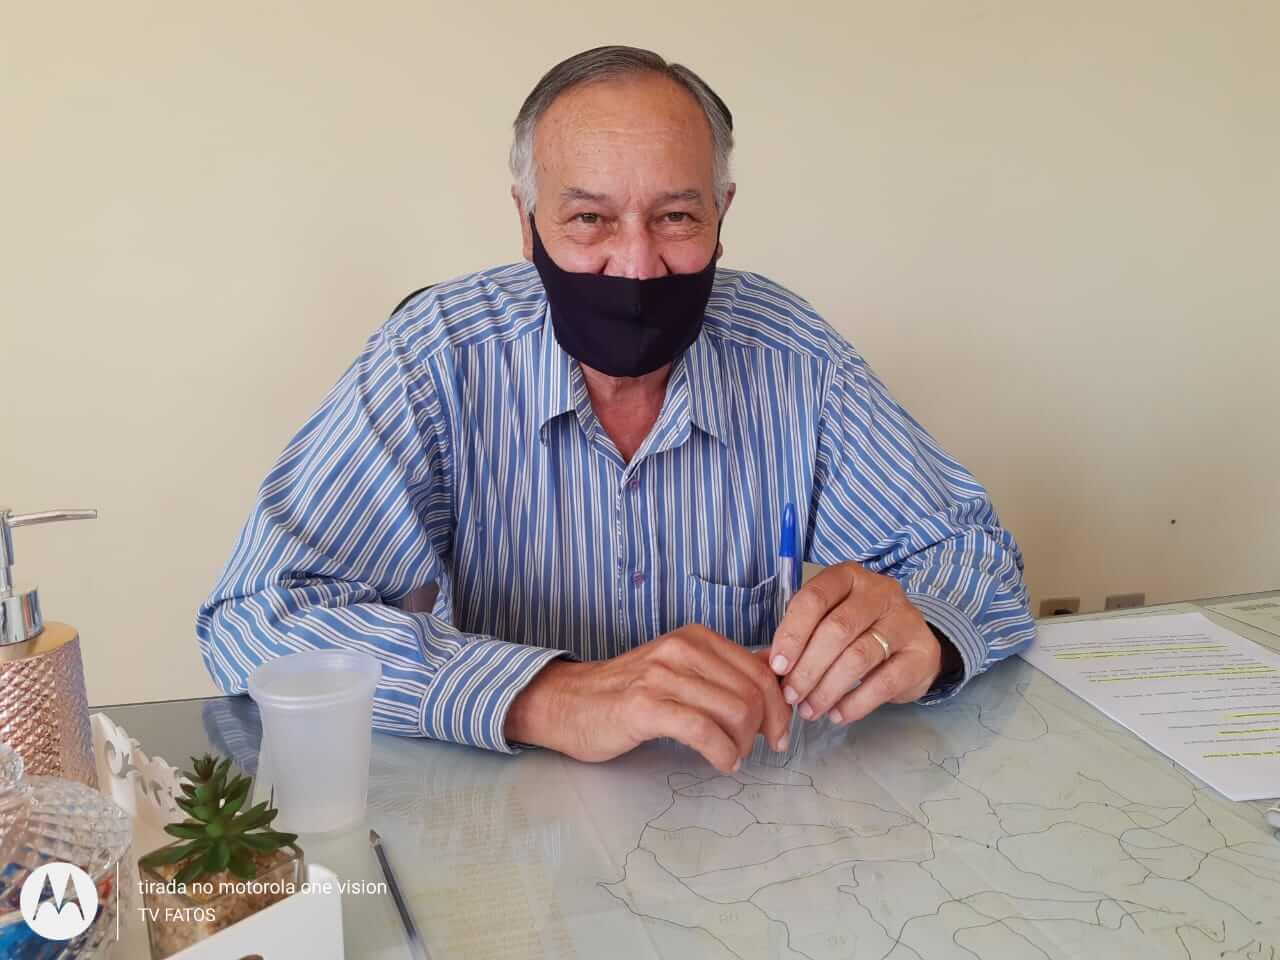 prefeito José Vitorino Prestes